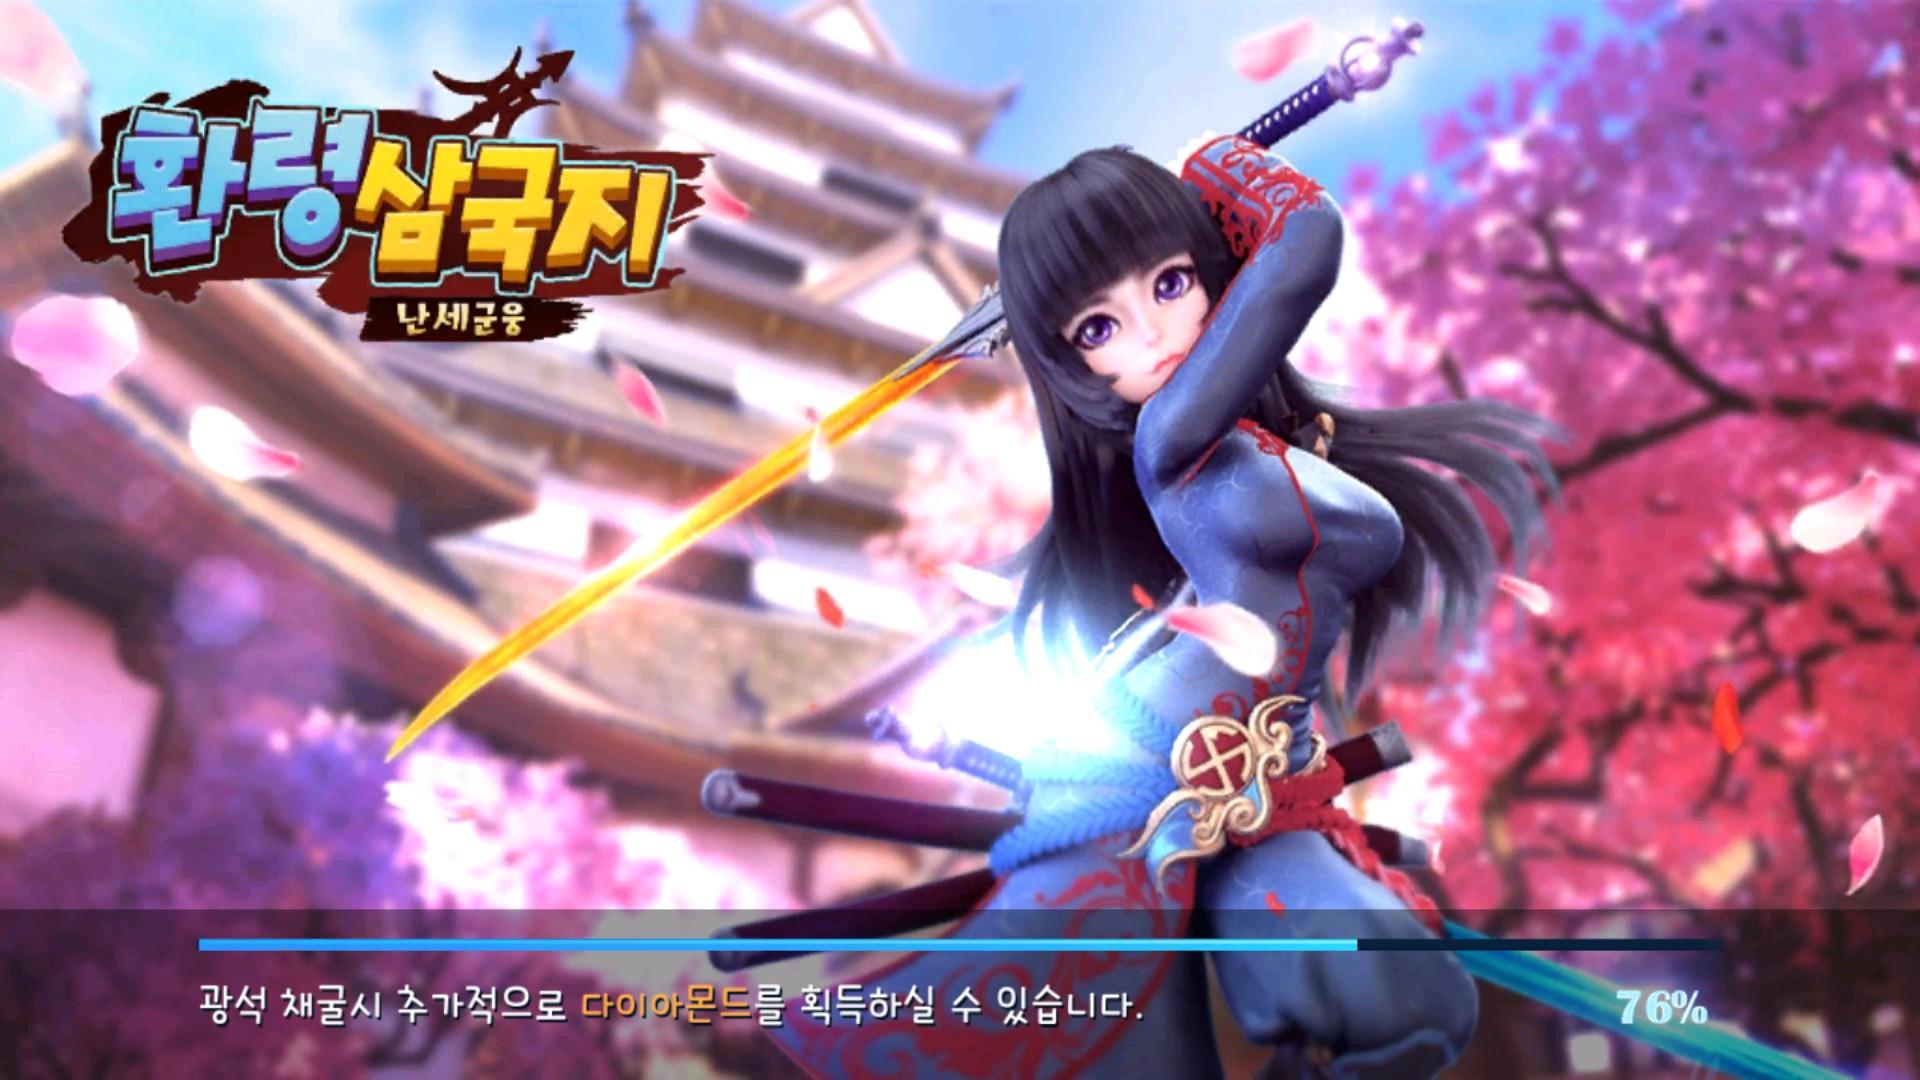 Thần Long 3Q Mobile - Thêm một game đấu thẻ tướng thú vị mới nữa của Funtap lộ diện 2